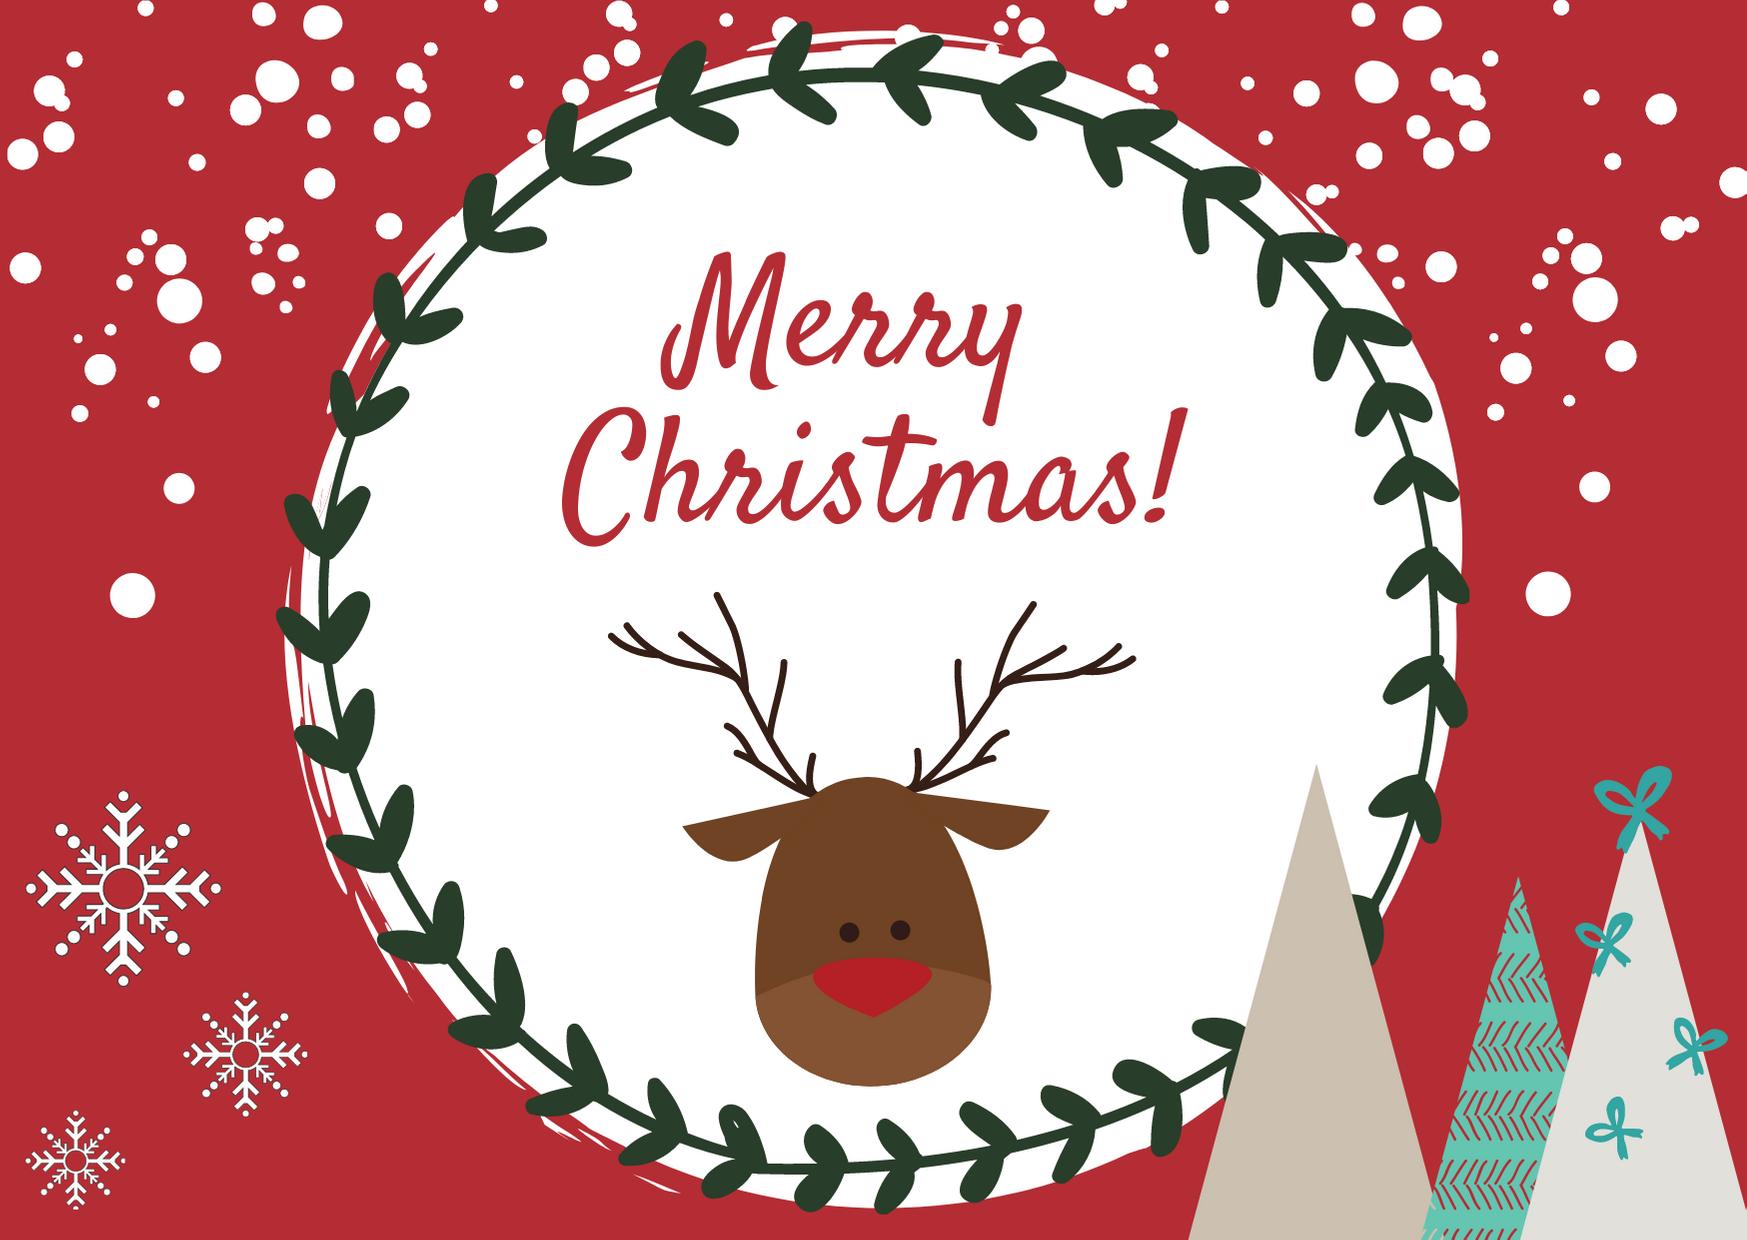 Konkurs na kartkę świąteczną w języku angielskim lub niemieckim